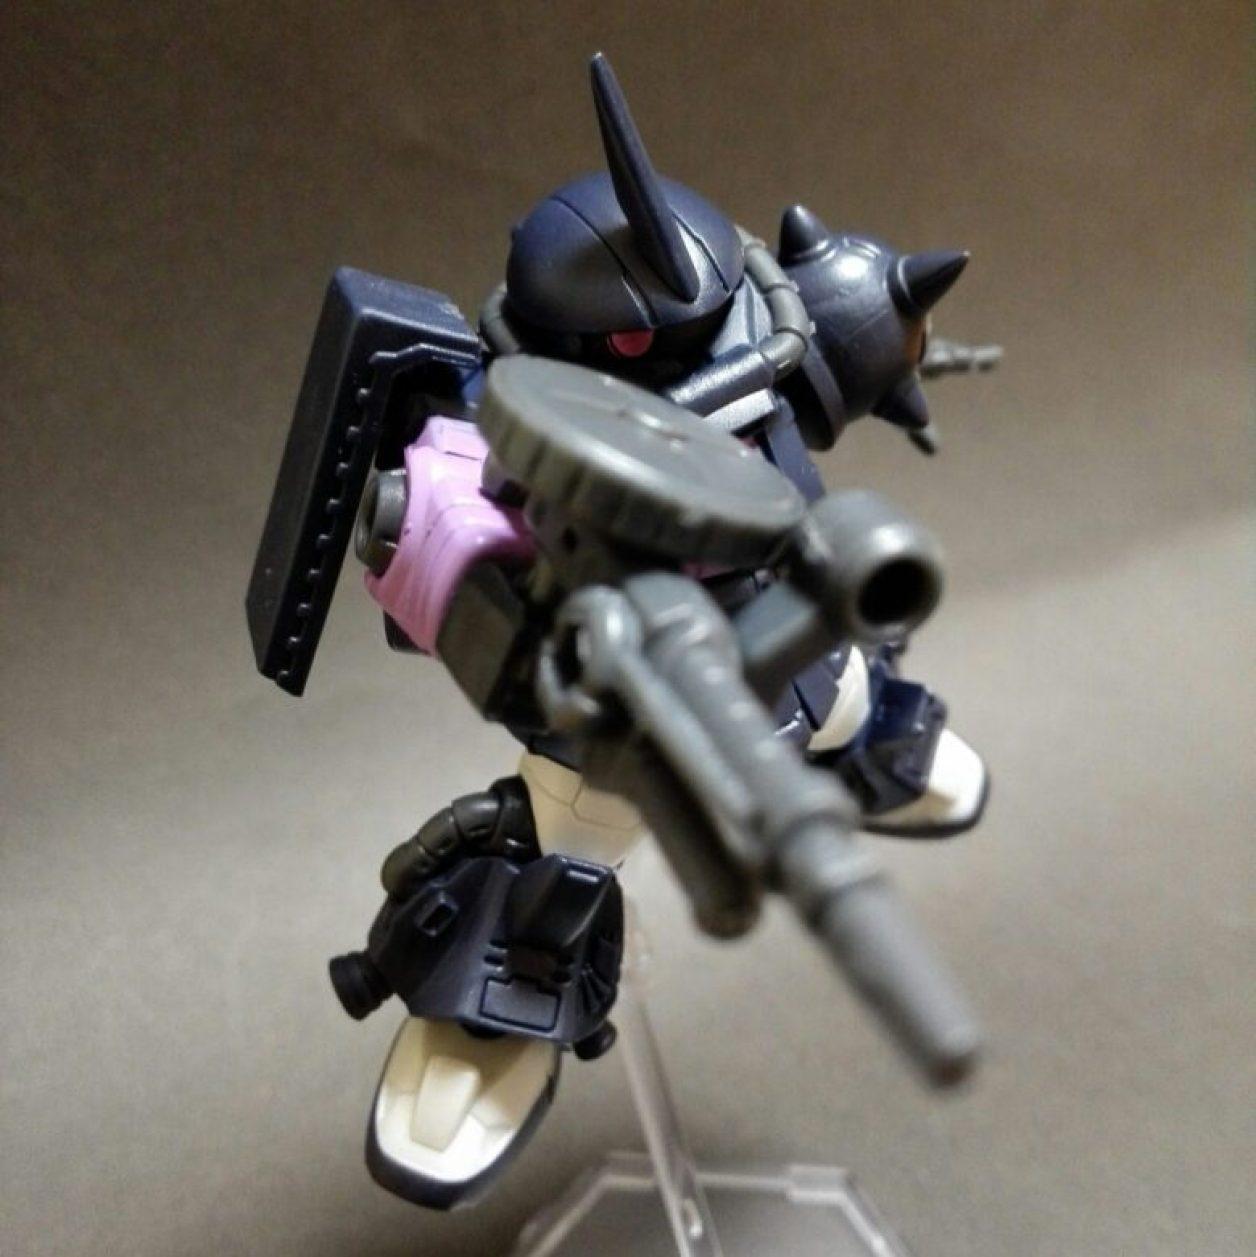 MOBILE SUIT ENSEMBLE(モビルスーツアンサンブル)12弾高機動型ザクIIにMS武器セットのザクマシンガンを装備させた画像